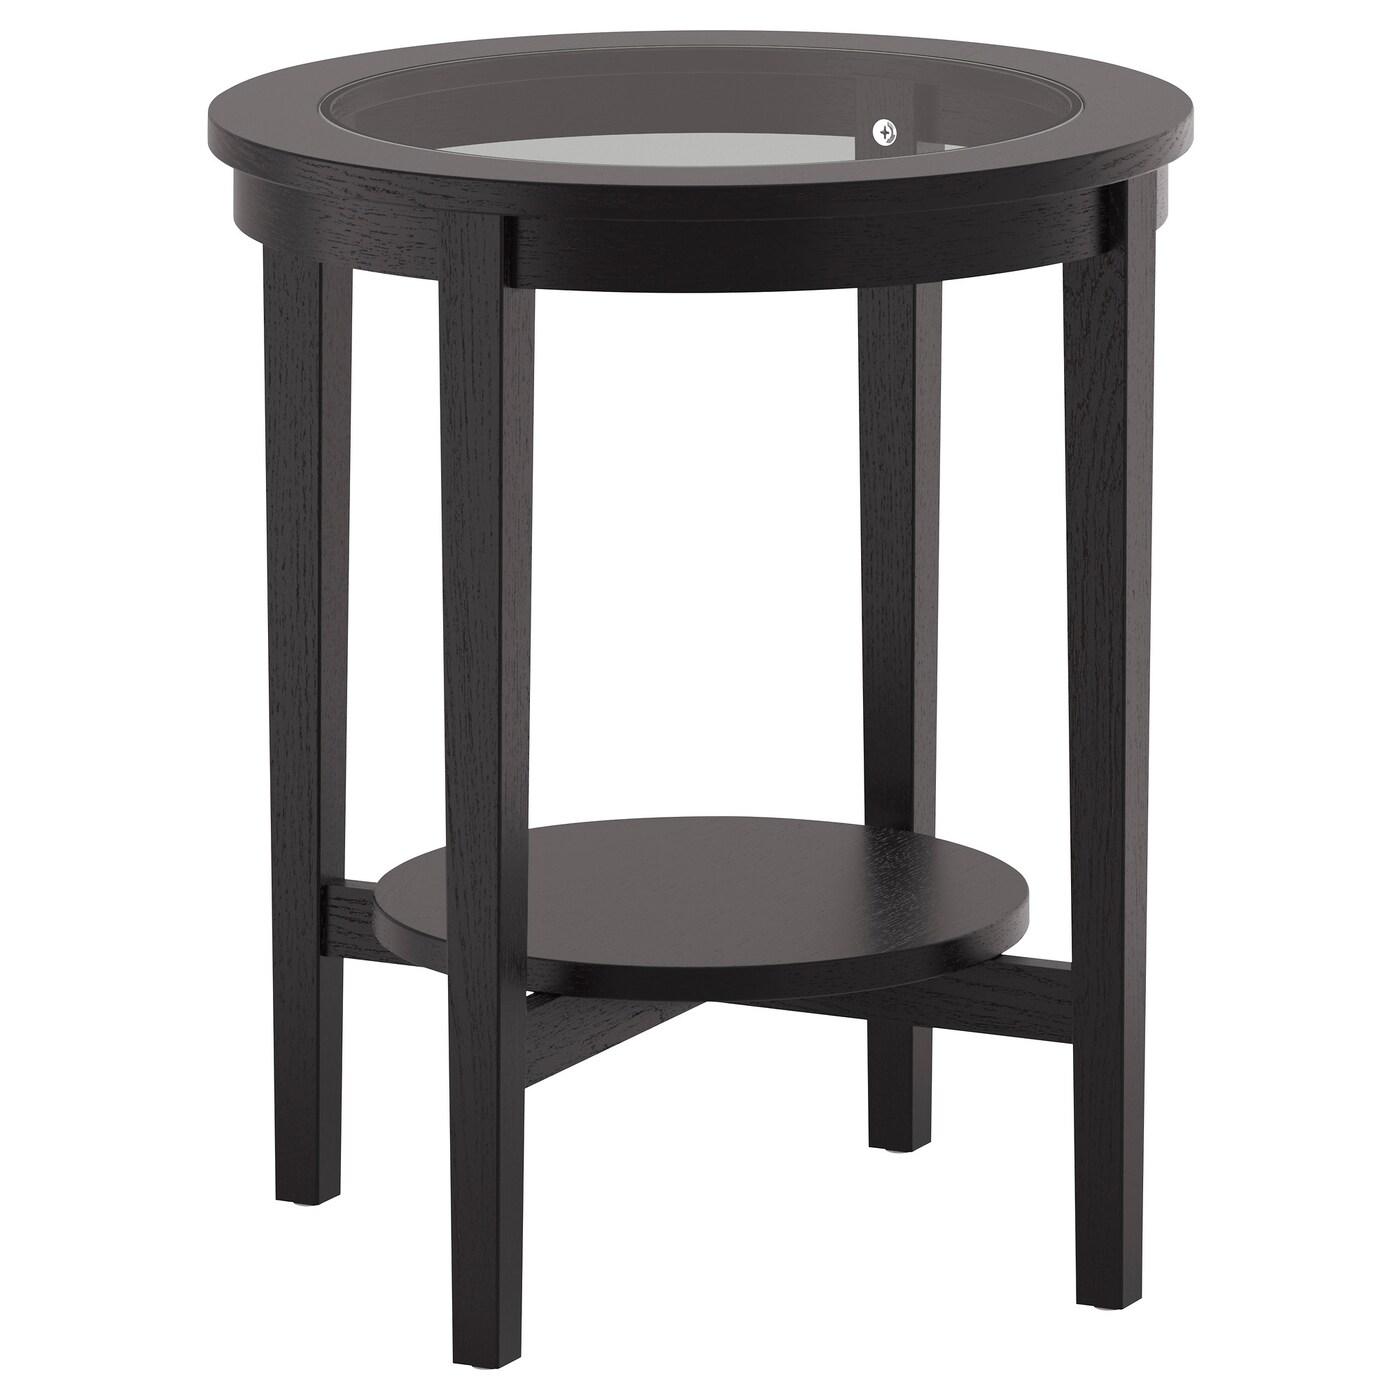 IKEA MALMSTA czarnobrązowy stolik, średnica 54 cm